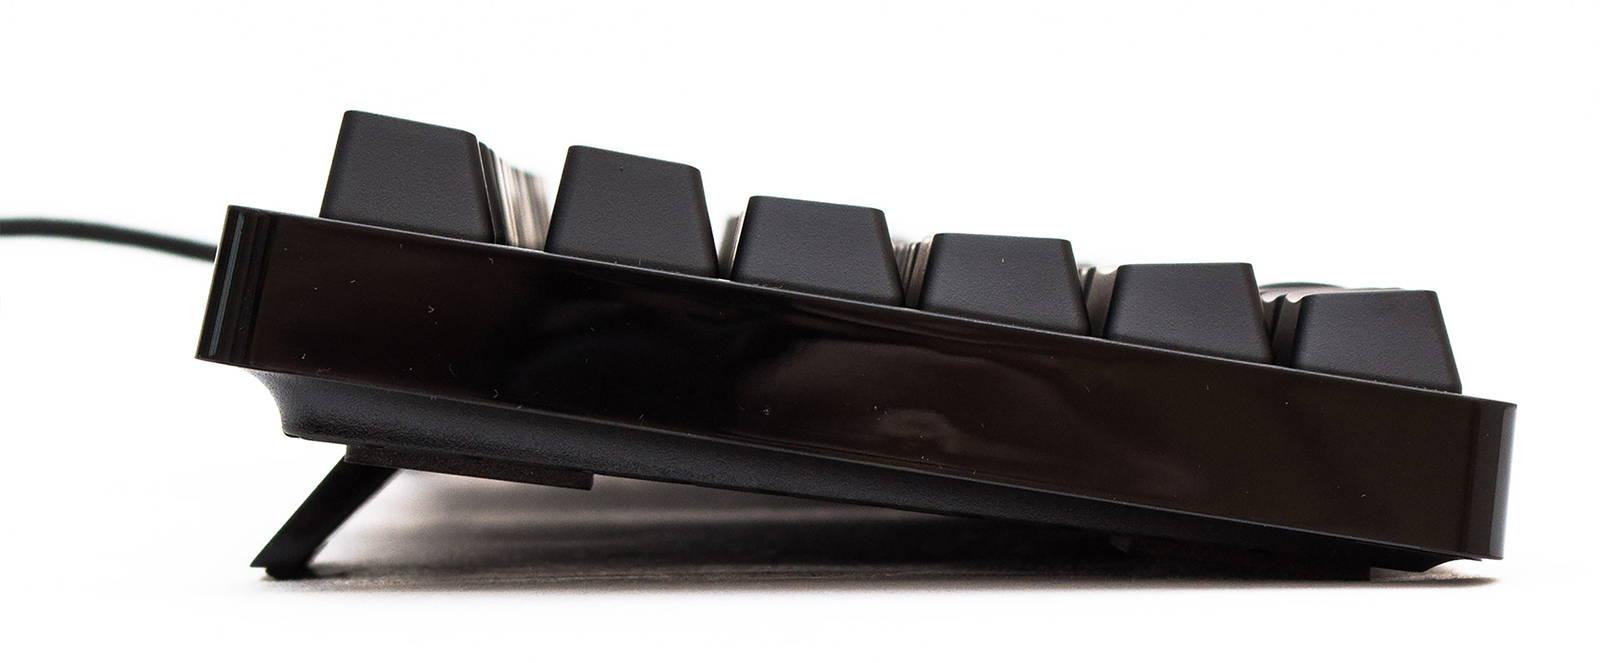 Клавиатура Hator Rockfall EVO. Фото 11